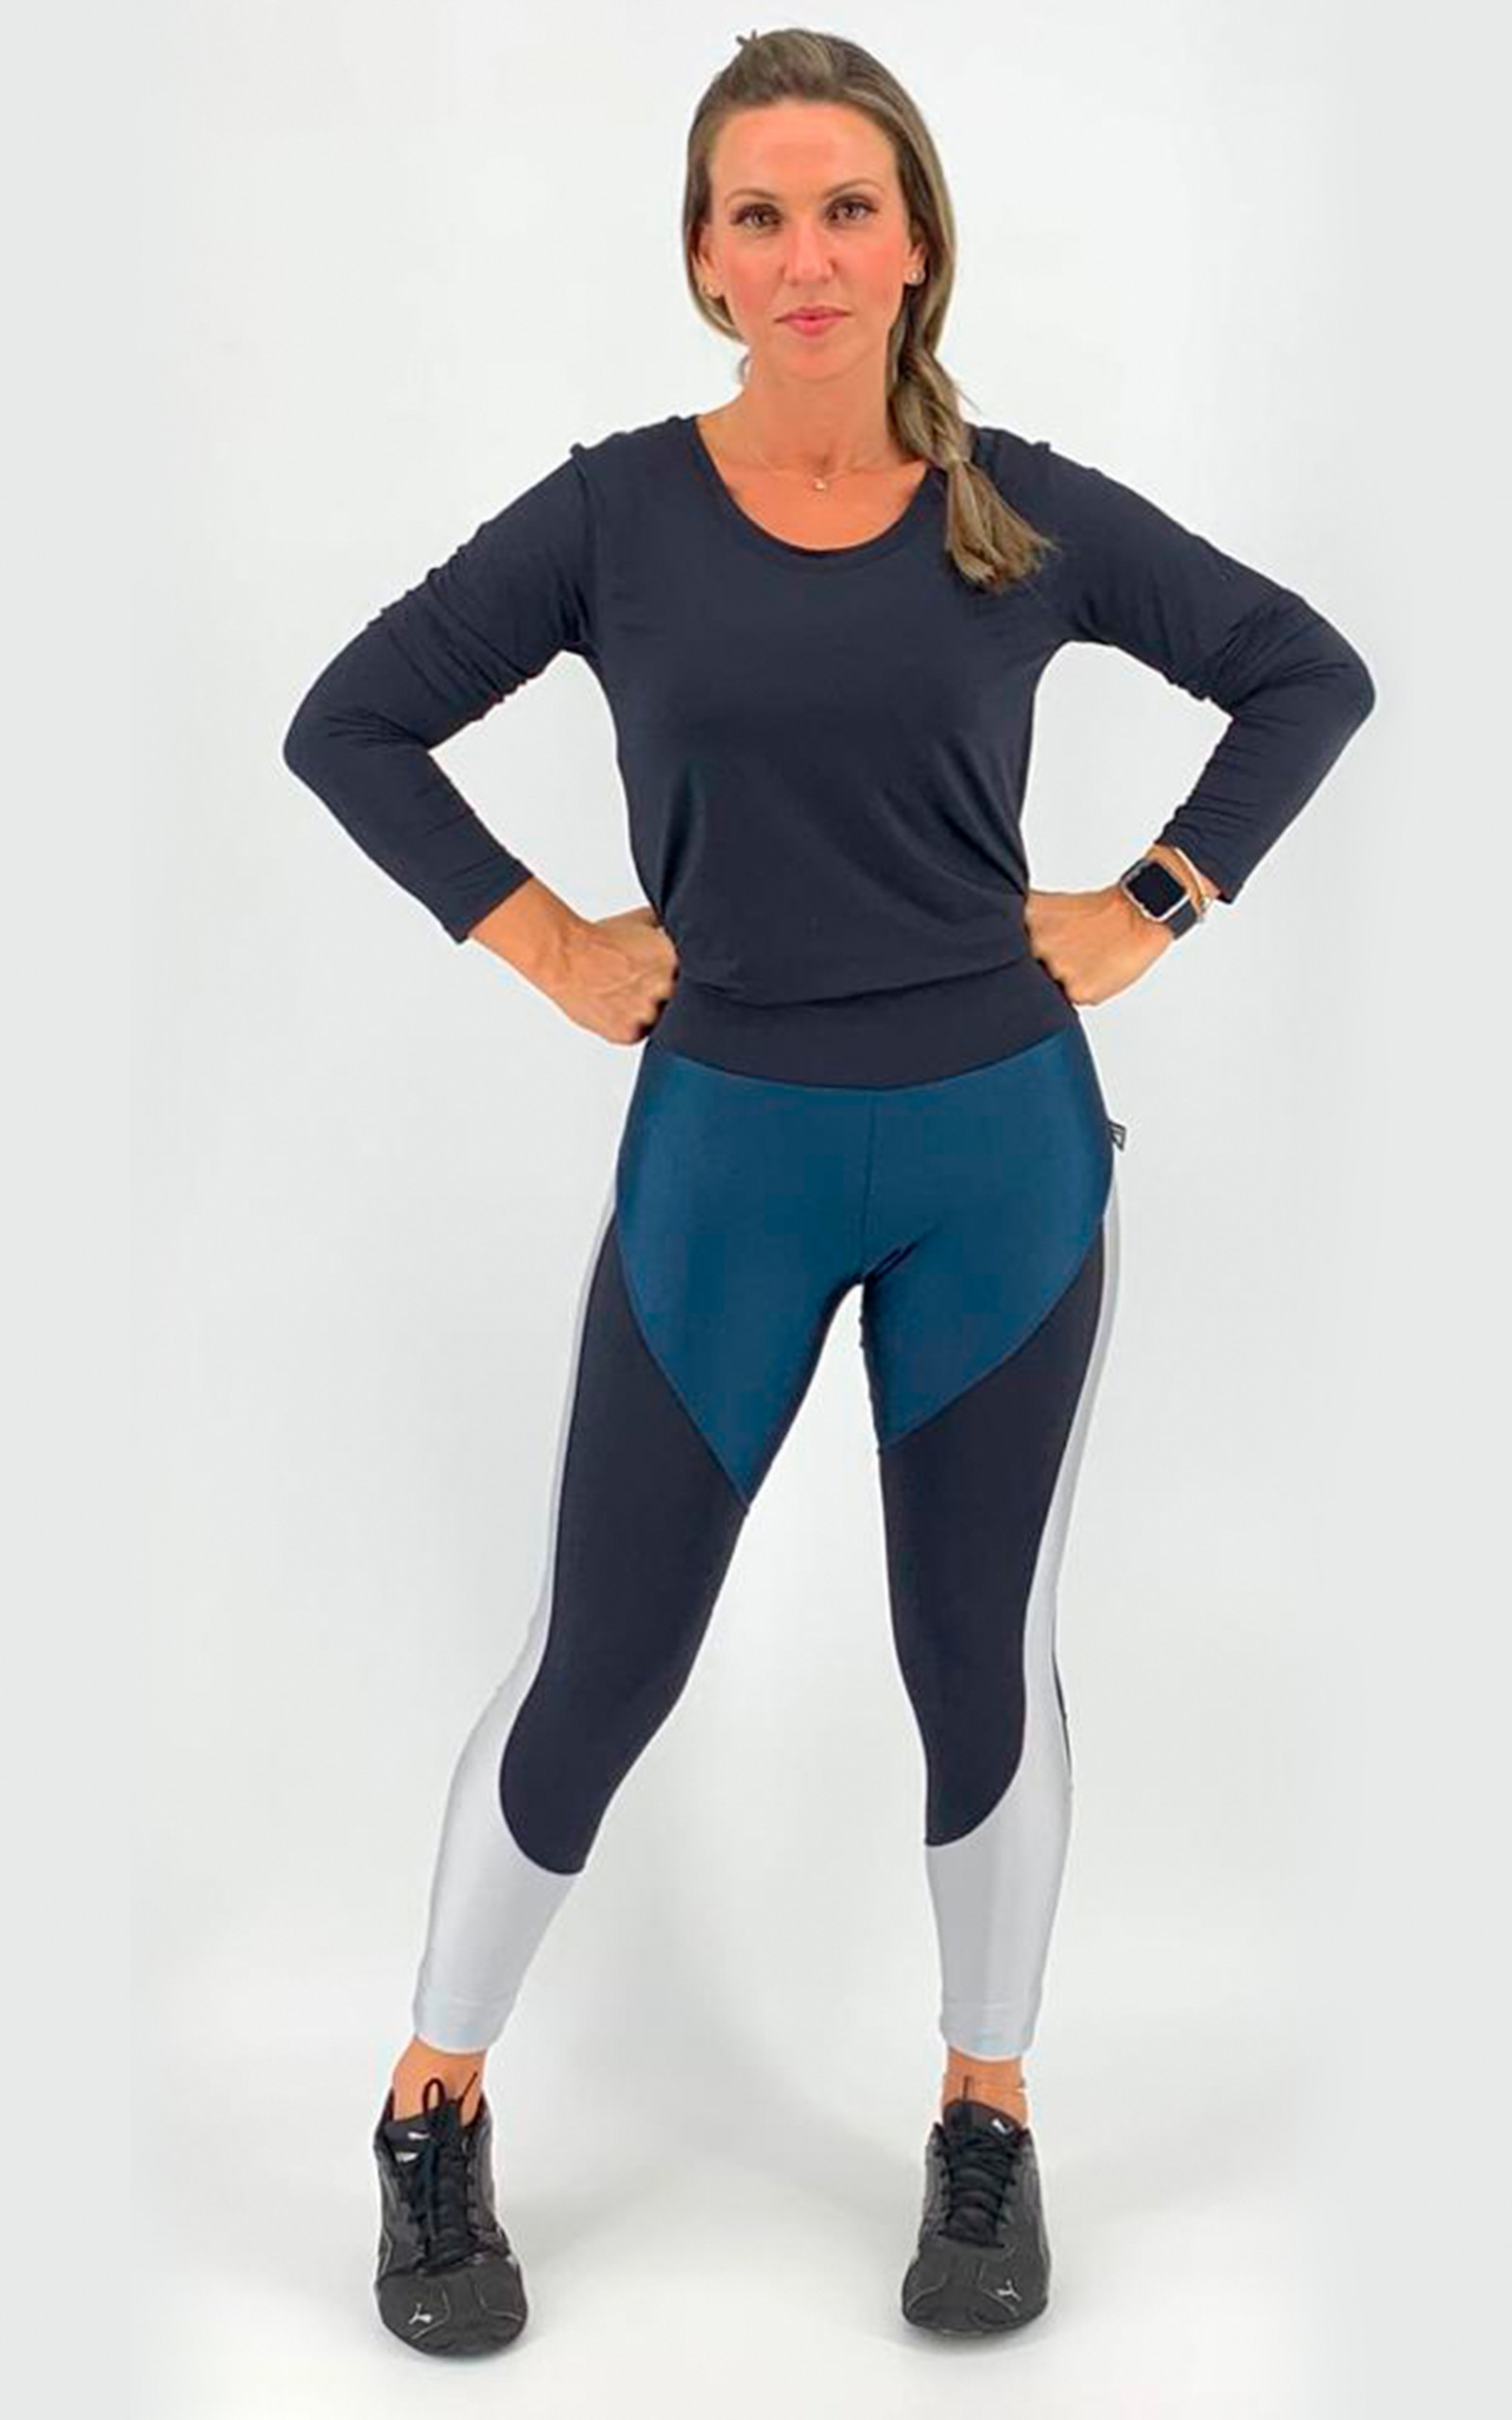 Legging Moviment Marinho e Prata, Coleção Move Your Body - NKT Fitwear Moda Fitness